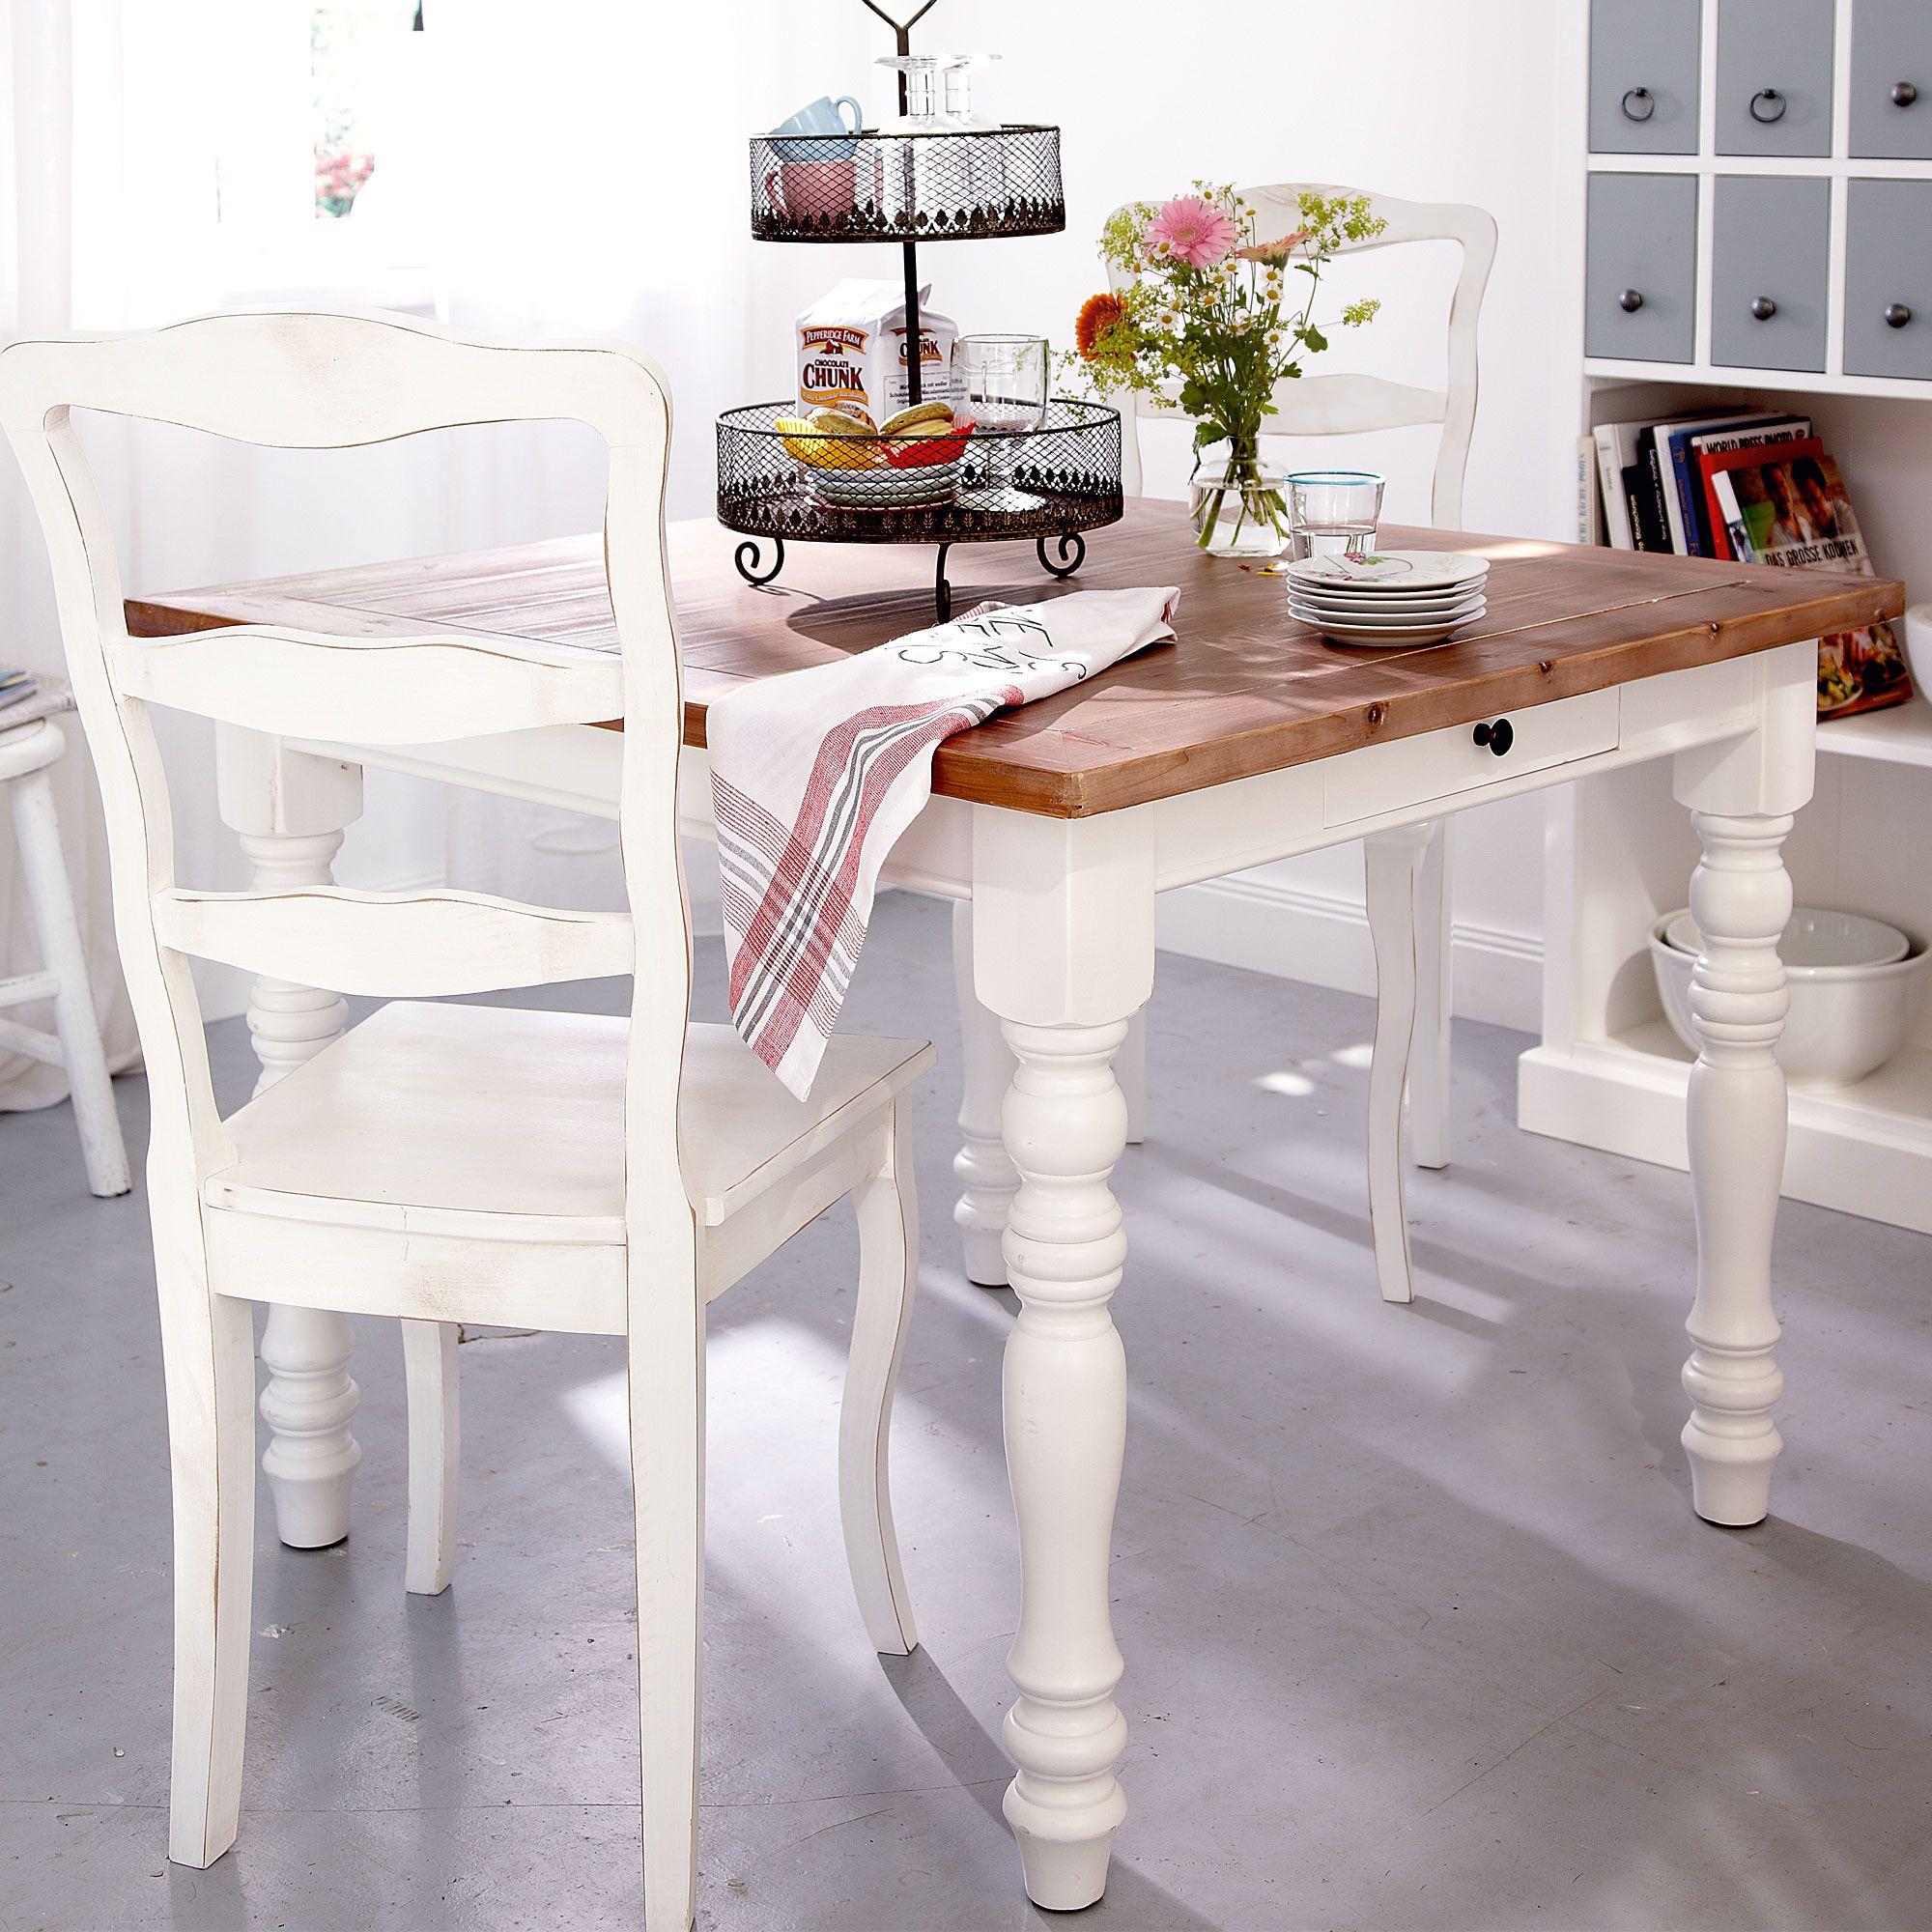 impressionen.de dining table   Trautes heim, Küchen möbel ...